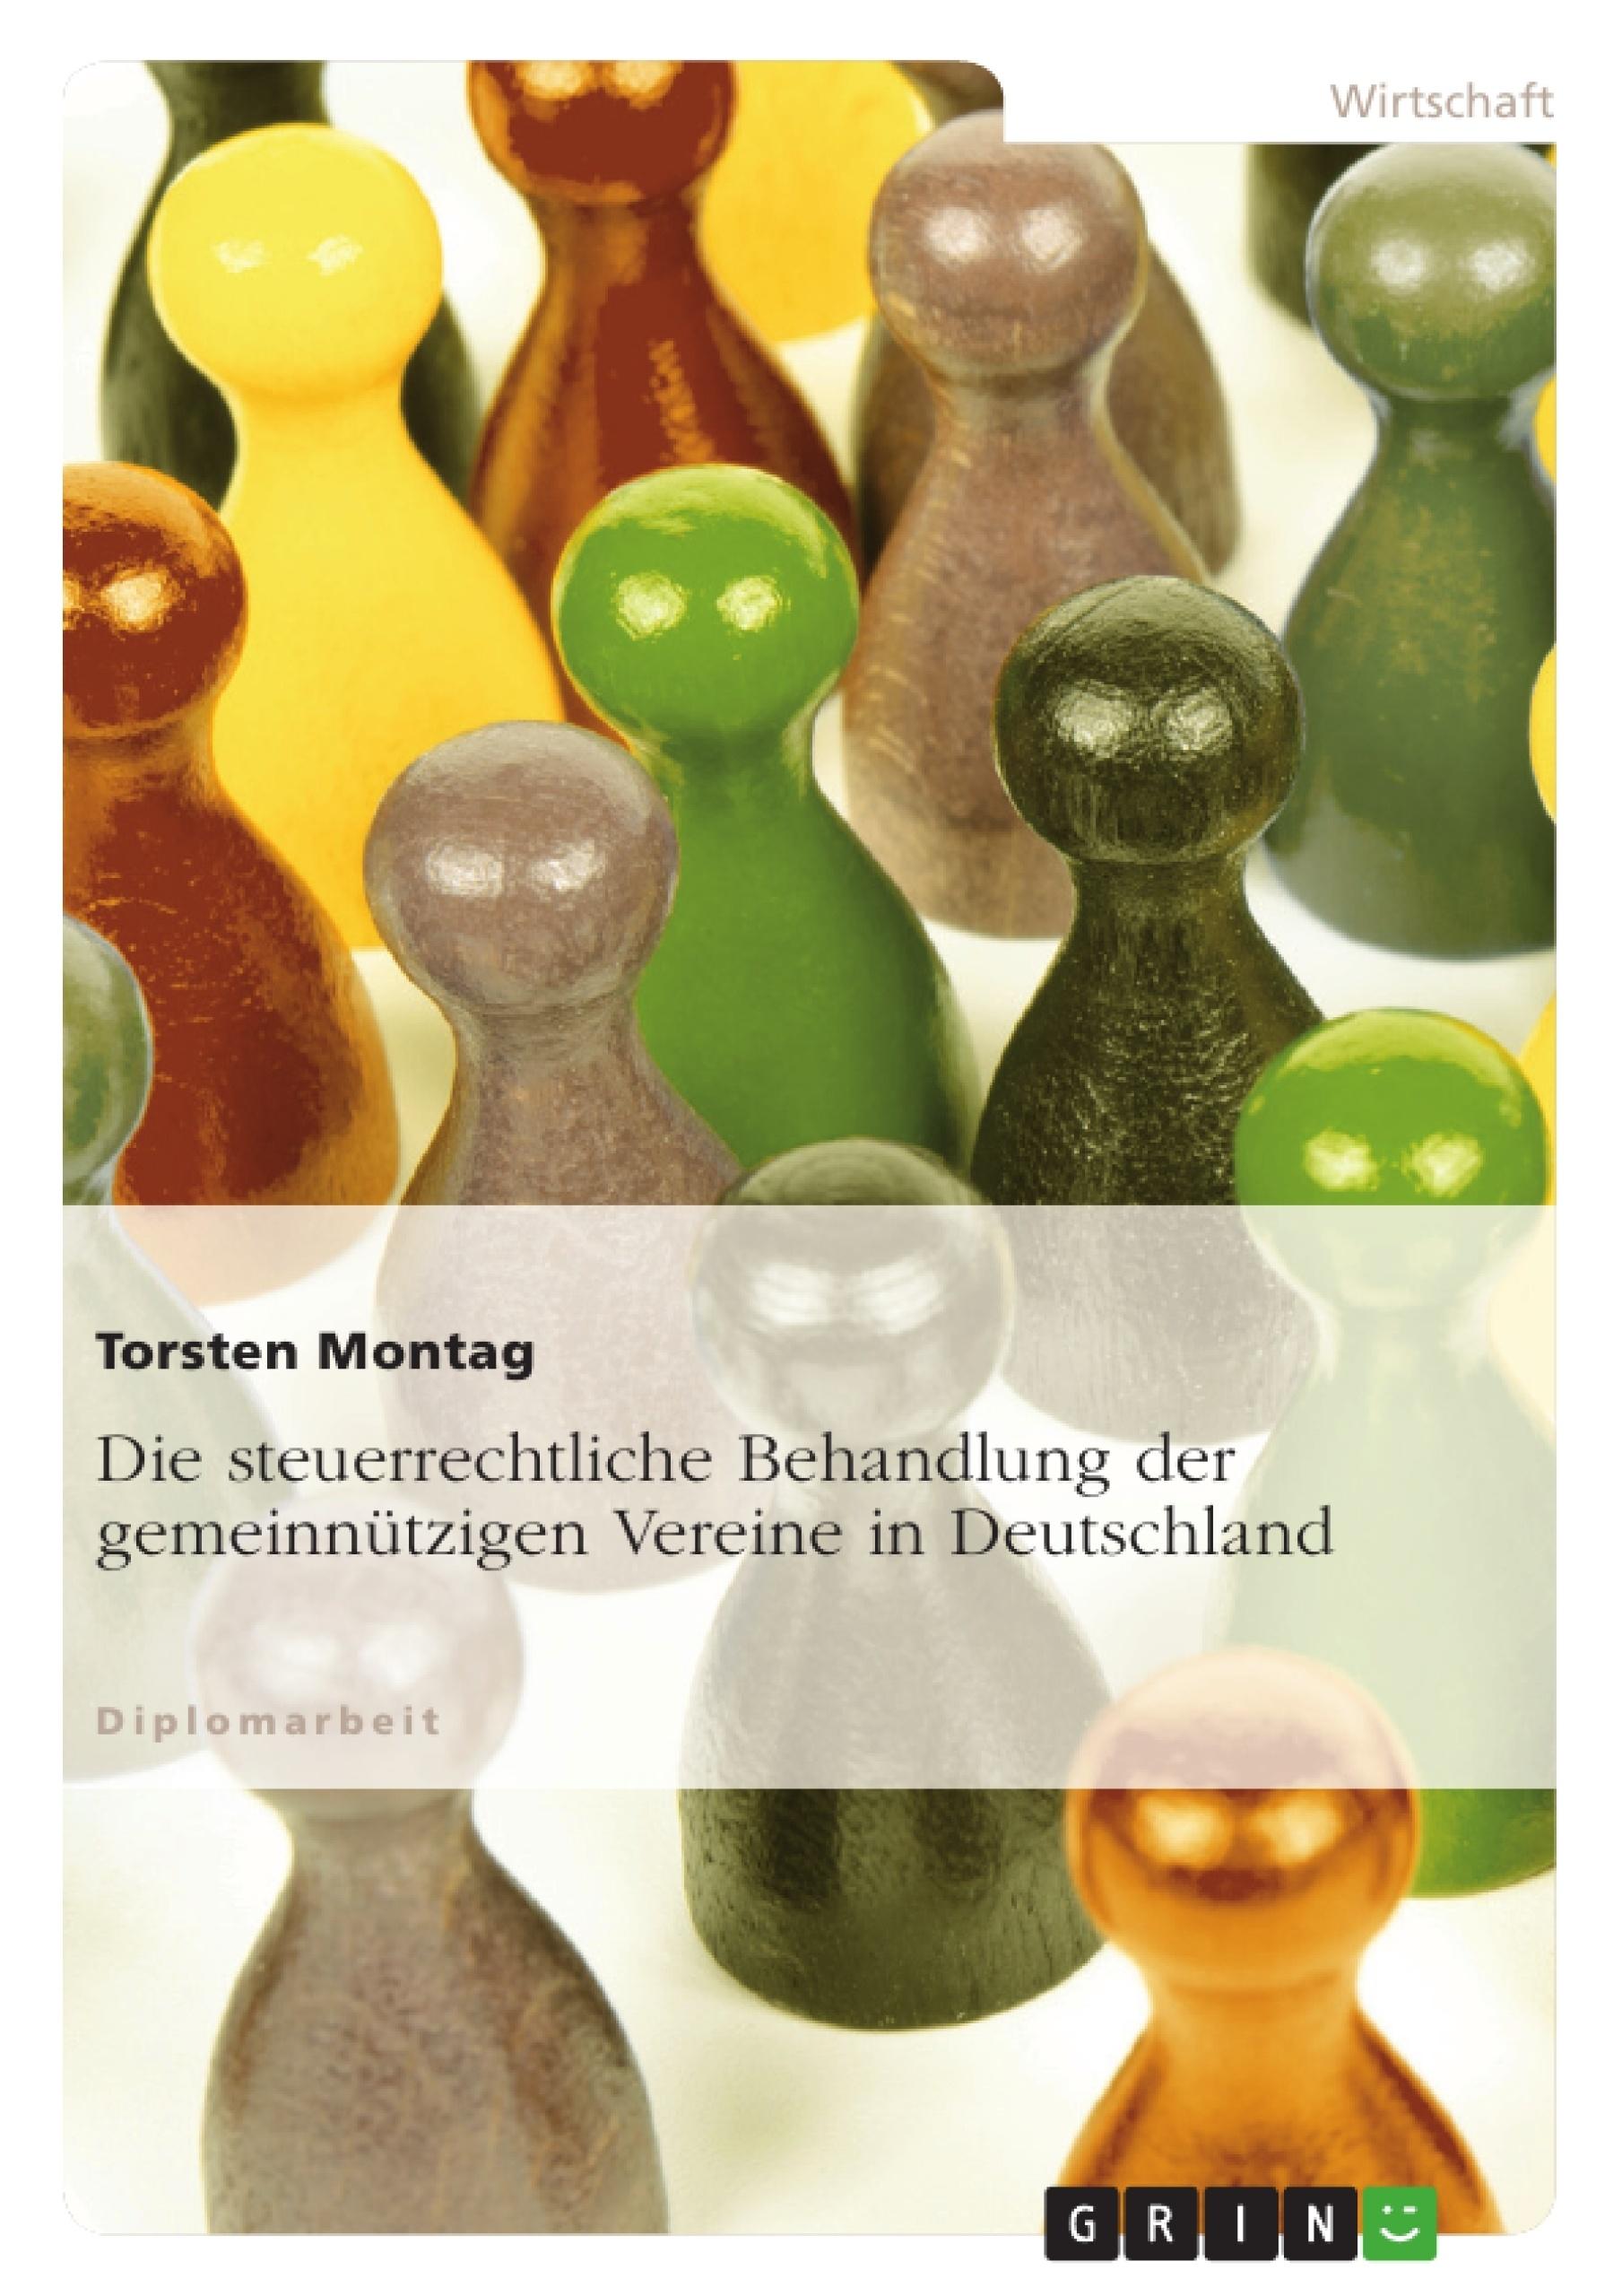 Titel: Die steuerrechtliche Behandlung der gemeinnützigen Vereine in Deutschland